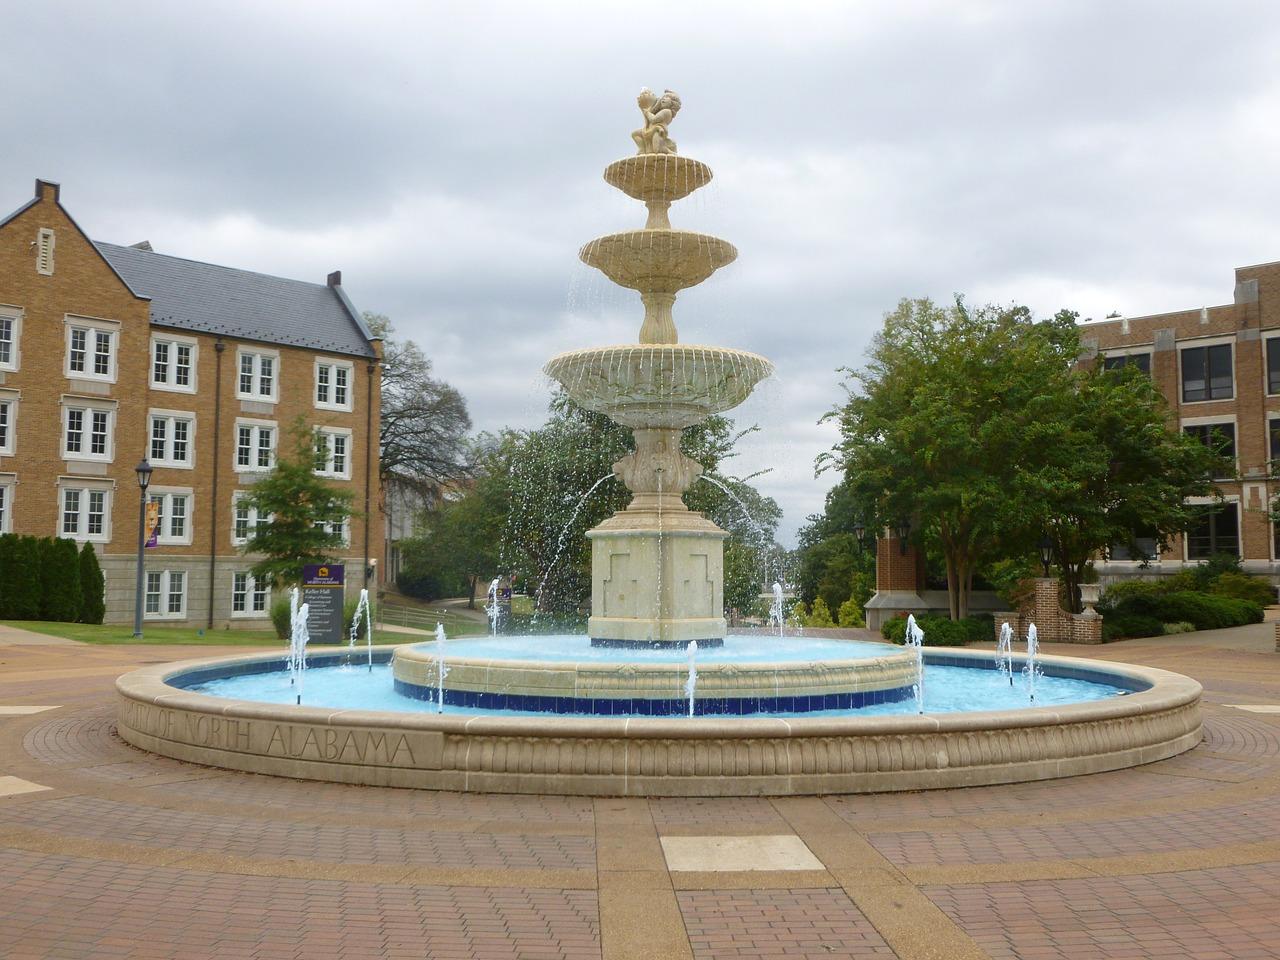 fountain-1009104_1280.jpg